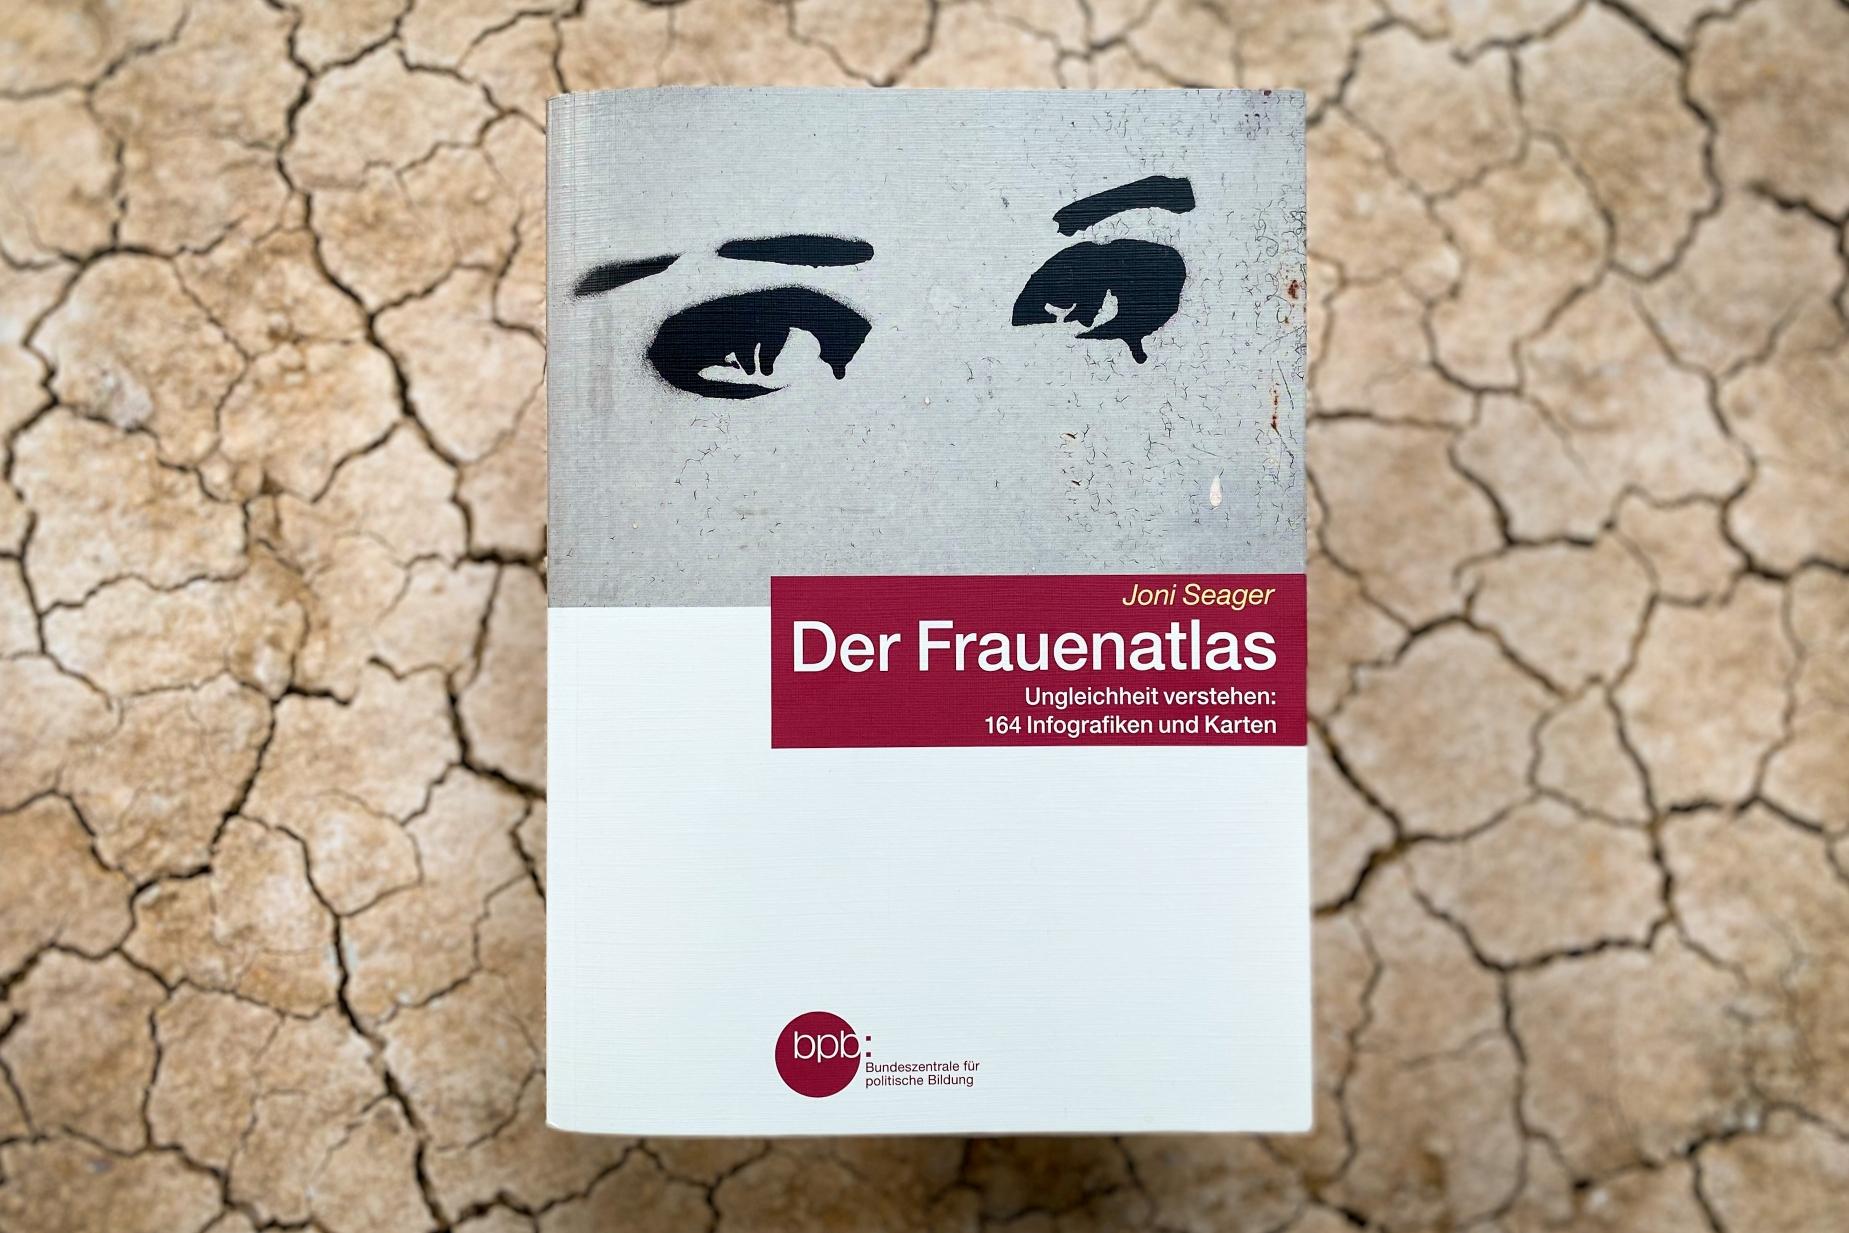 Joni Seager Der Frauenatlas The Women's Atlas Ungleichheit Hanser Verlag Bundeszentrale für politische Bildung